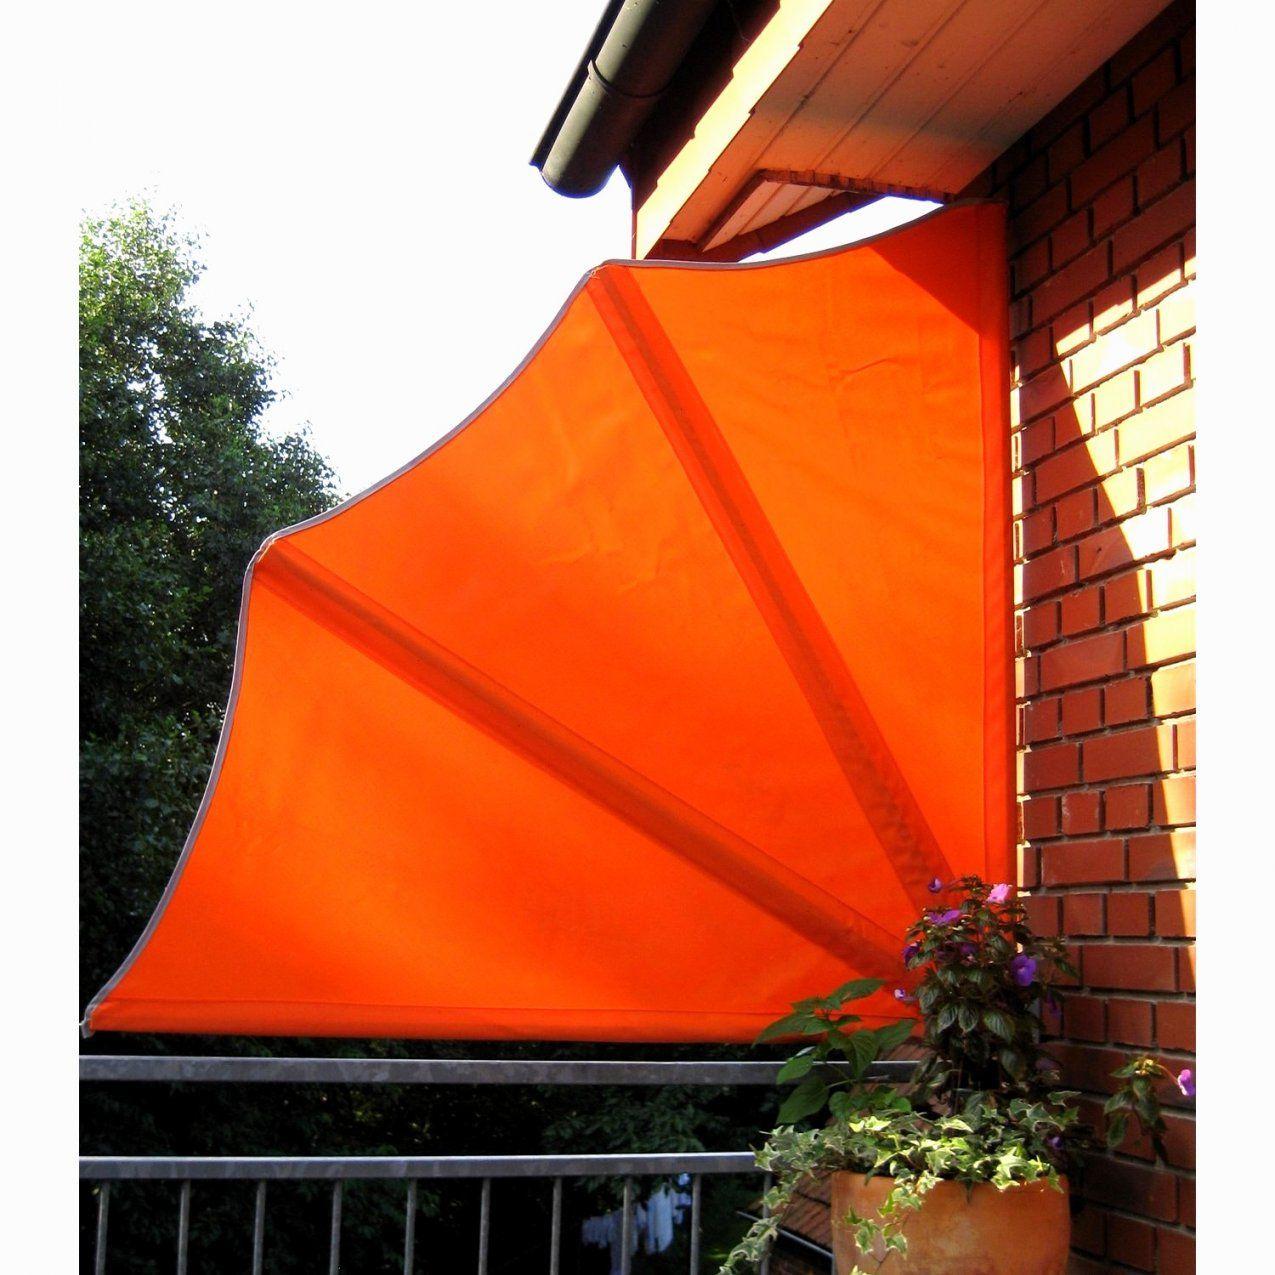 Hervorragend Balkon Sichtschutz Fächer Ohne Bohren 66321 Haus Ideen von Balkon Sichtschutz Fächer Ohne Bohren Photo